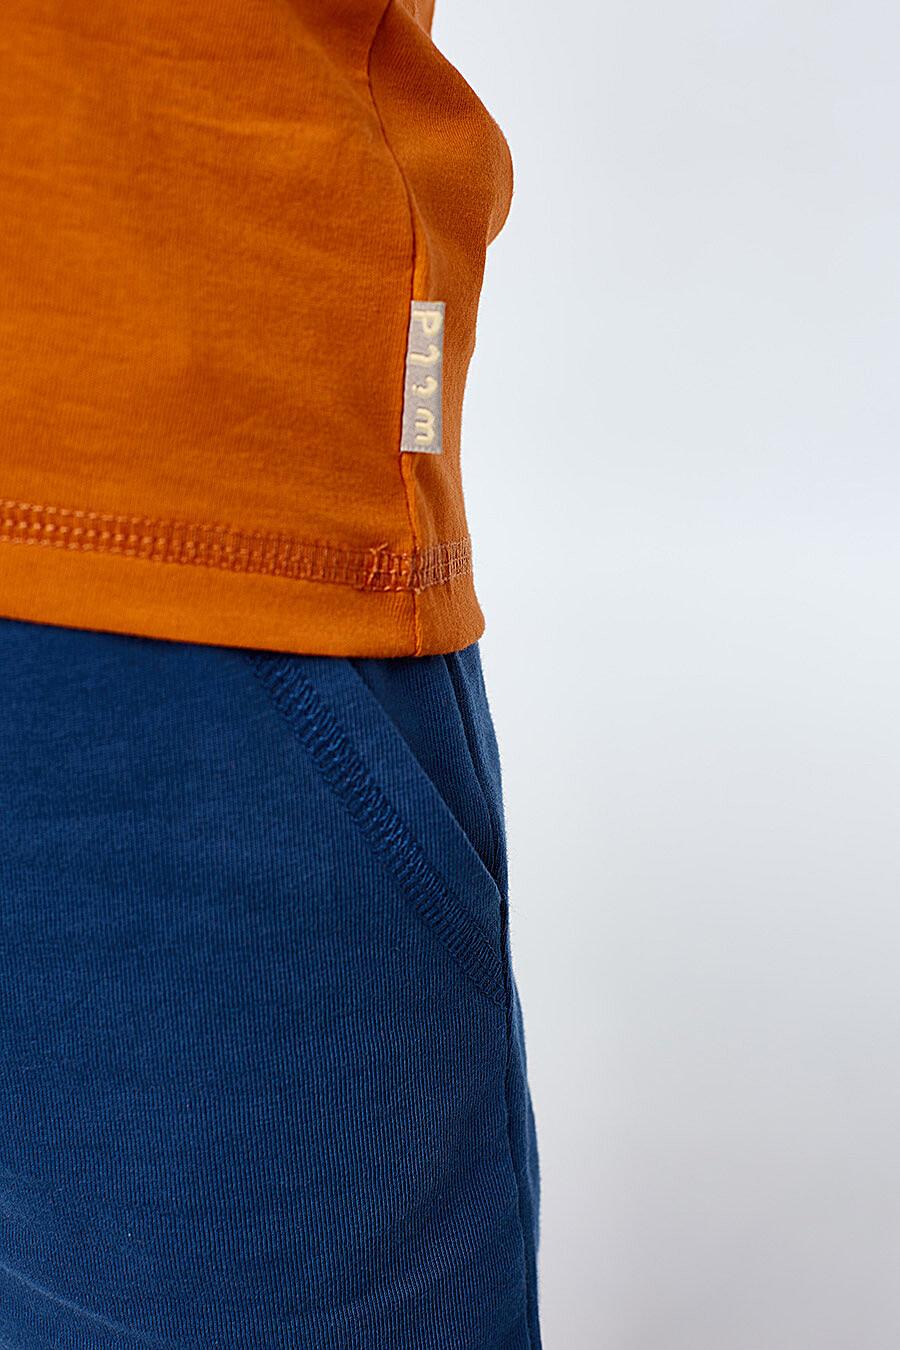 Футболка для мальчиков UMKA 700438 купить оптом от производителя. Совместная покупка детской одежды в OptMoyo